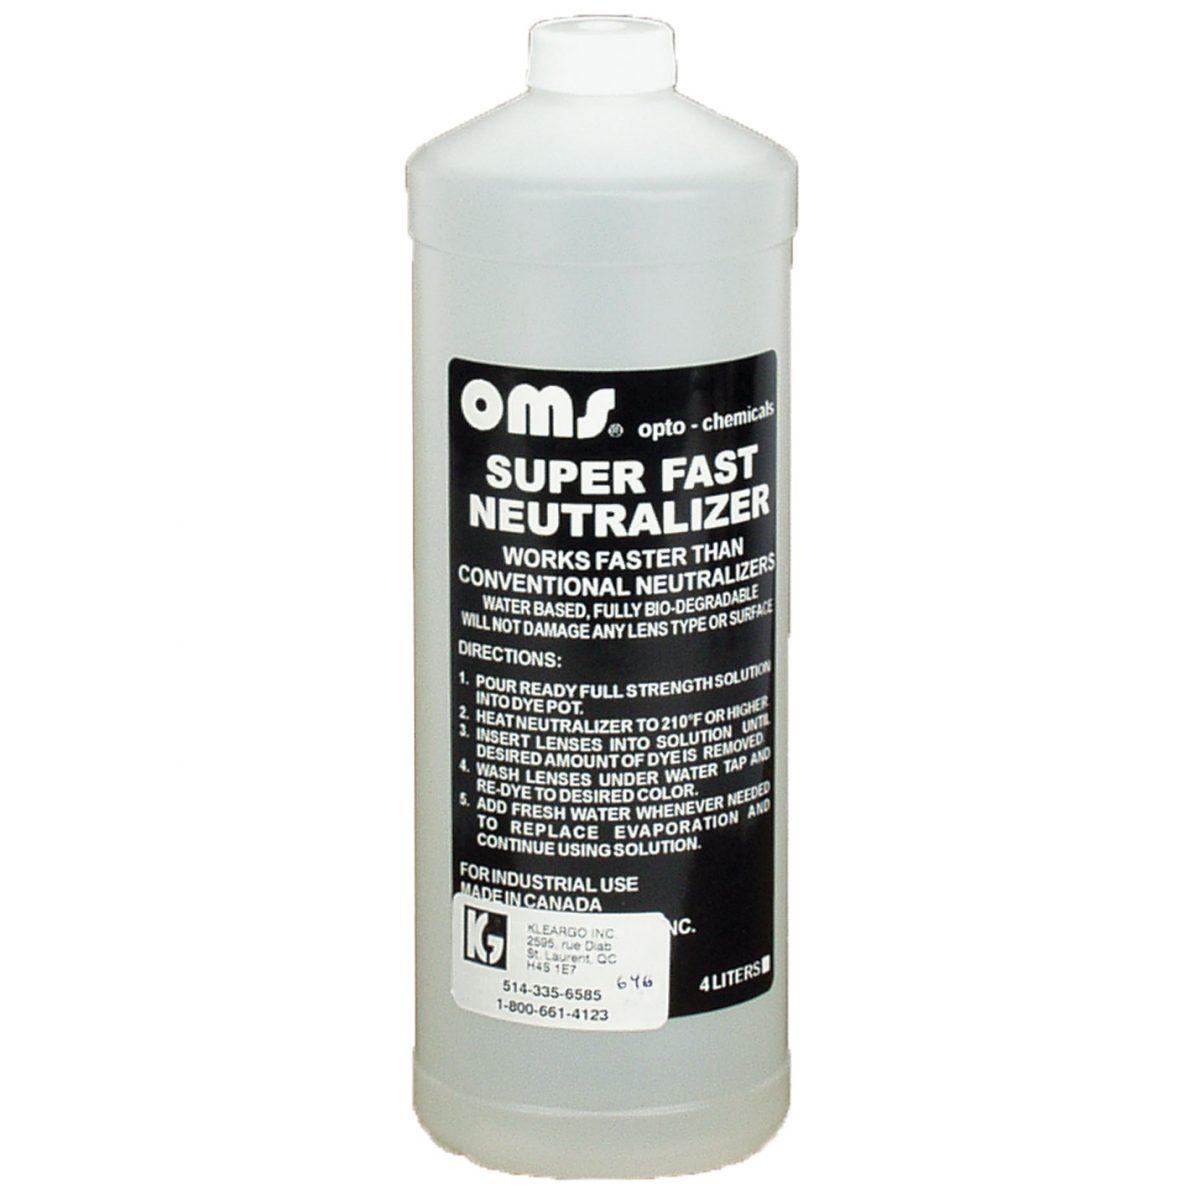 OMS-super-fast-neutralizer